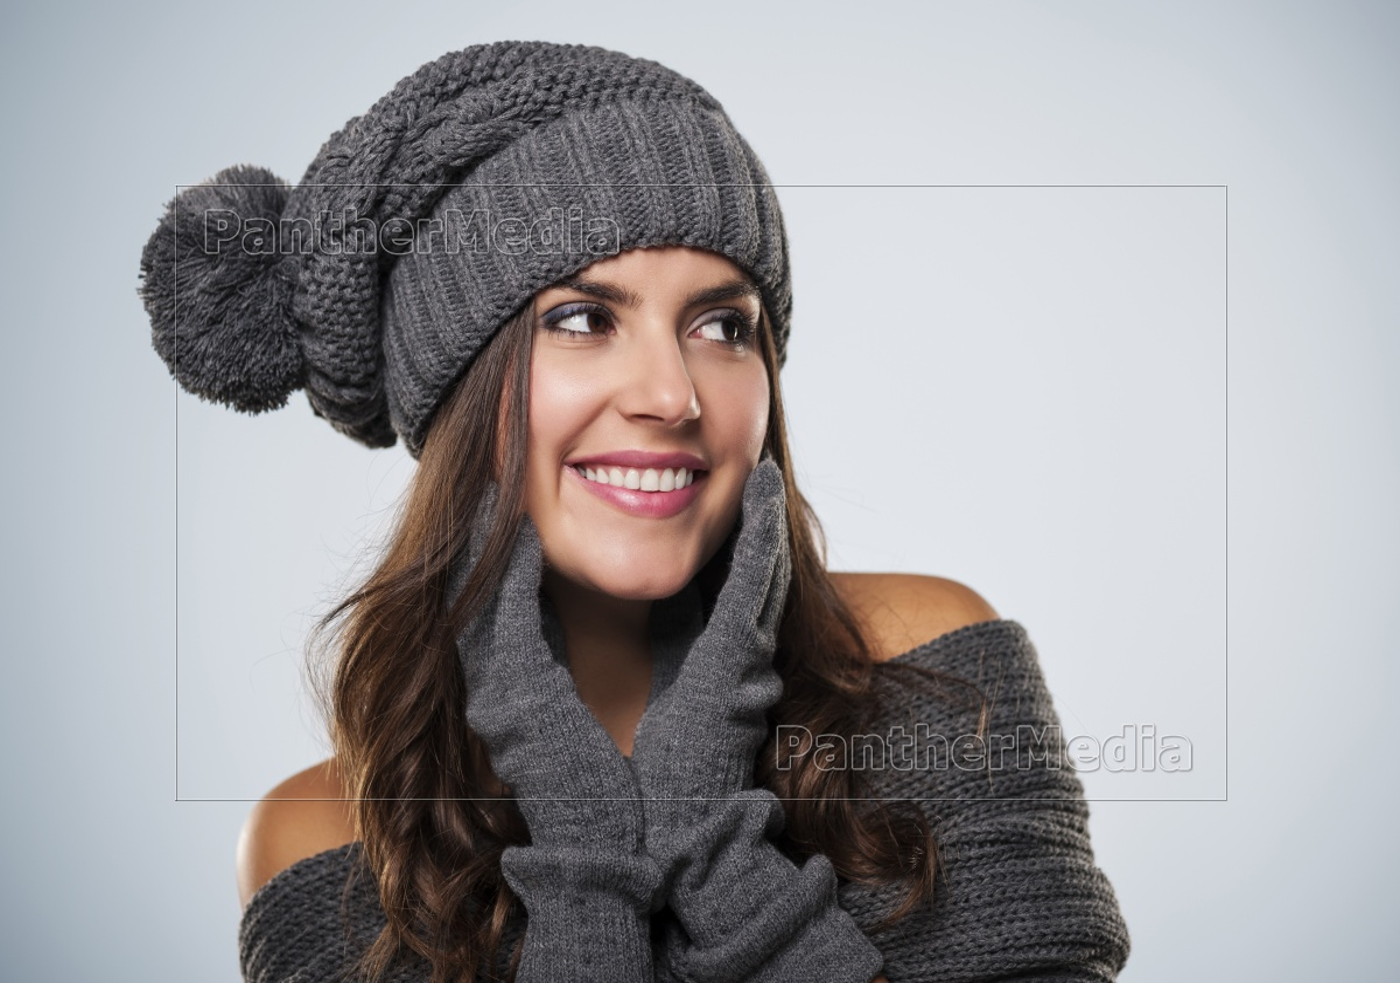 roupa, desgastando, do, inverno, da, mulher - 12112648